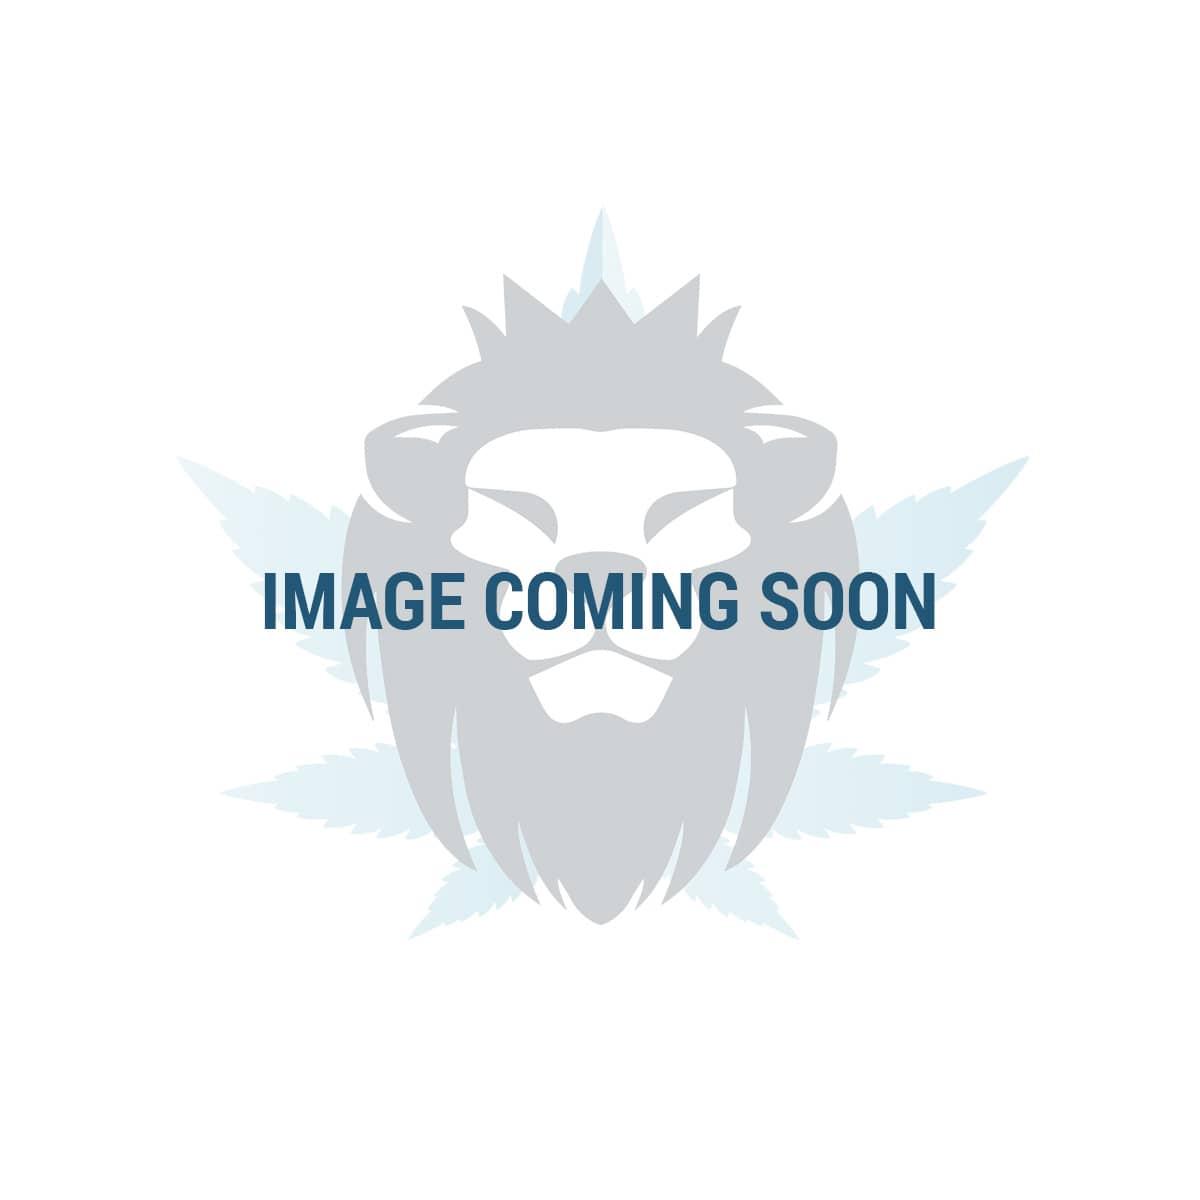 On balance dxC-50 scales 50g X 0.01g